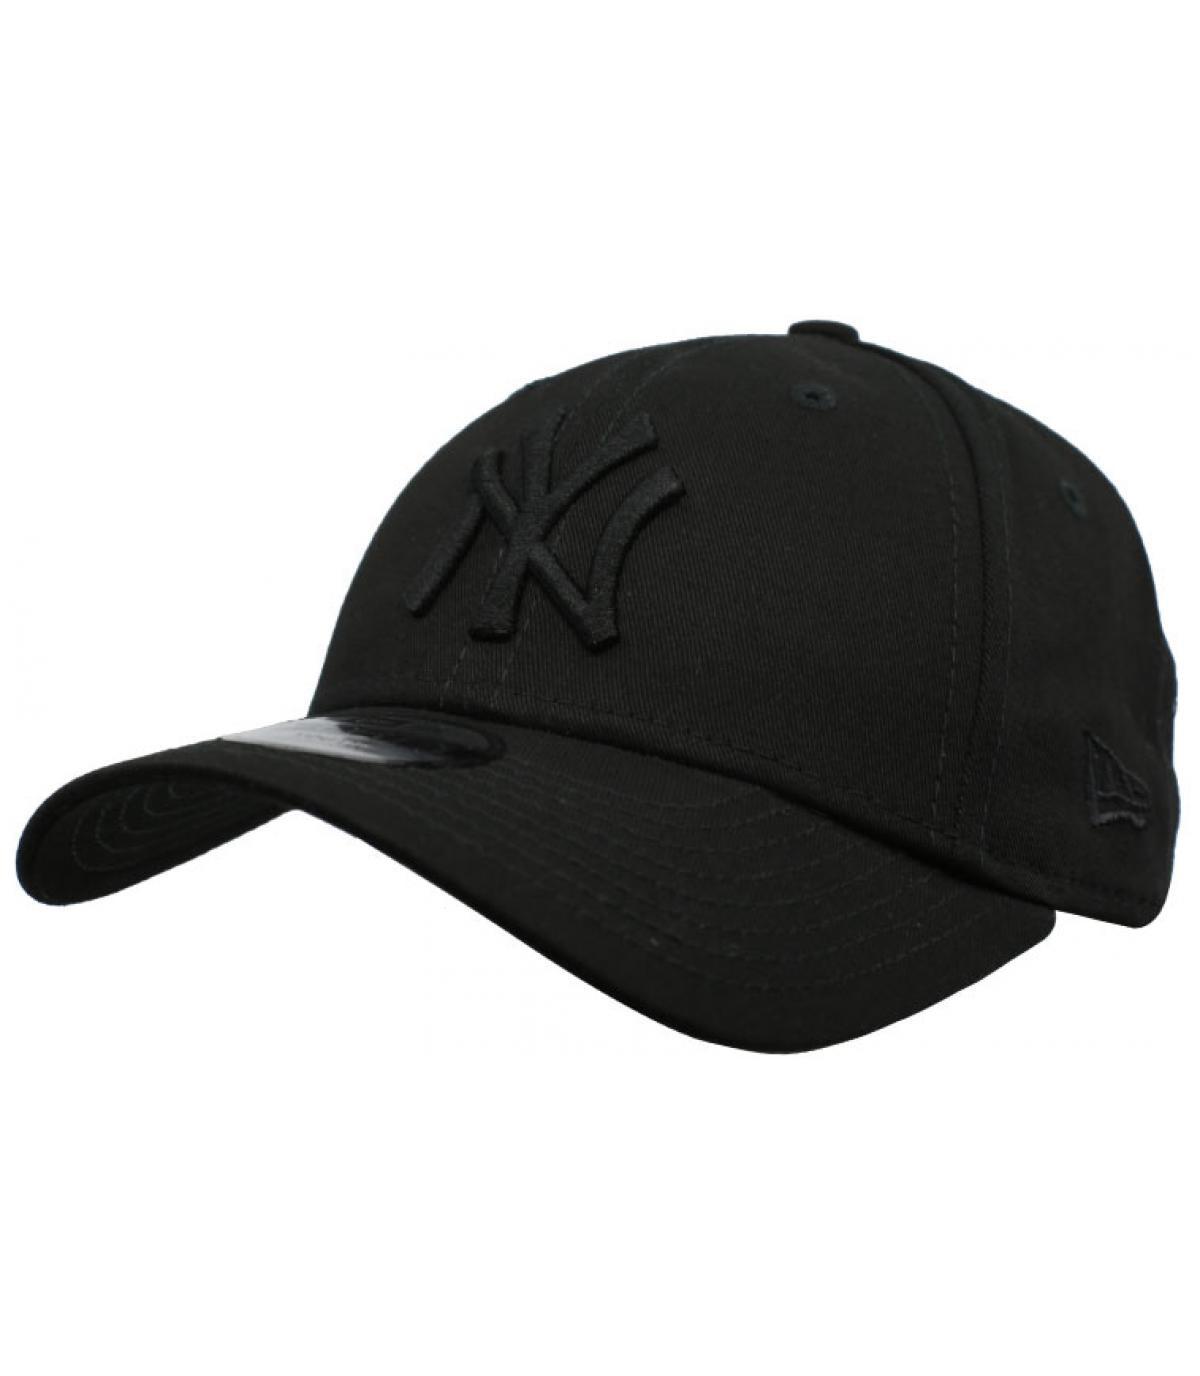 black NY child cap